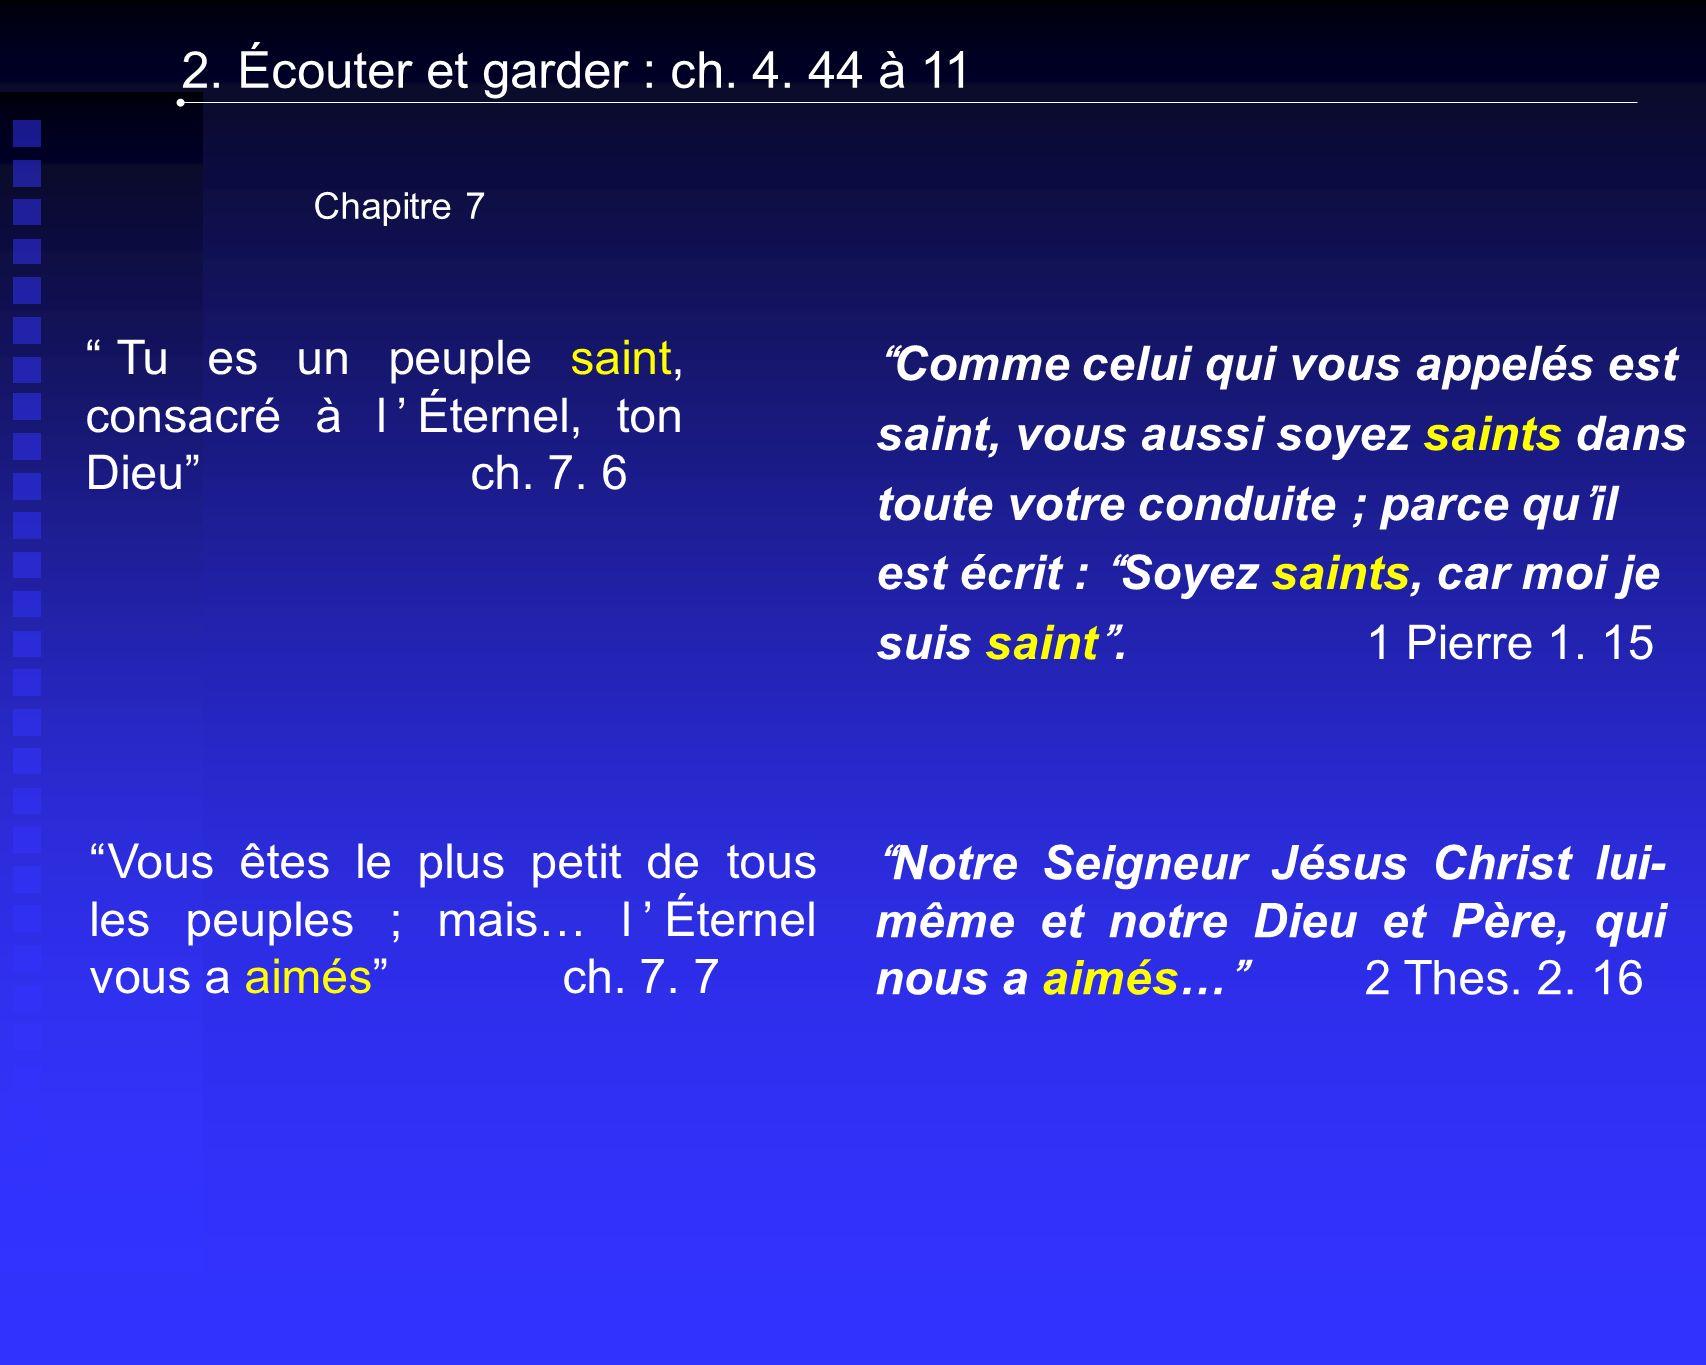 2. Écouter et garder : ch. 4. 44 à 11 Chapitre 7. Tu es un peuple saint, consacré à l'Éternel, ton Dieu ch. 7. 6.